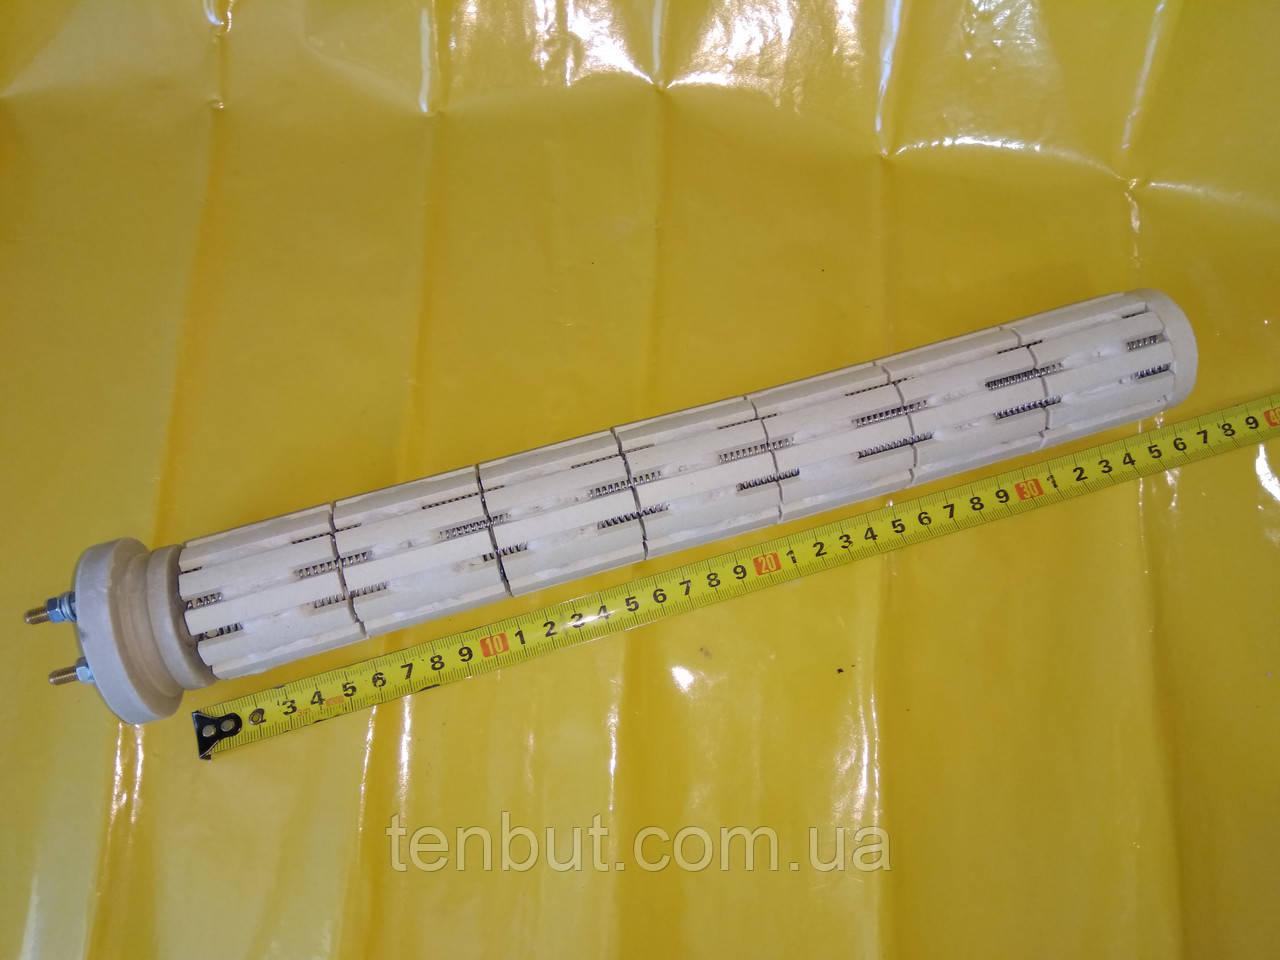 Тэн сухой СТЕАТИТОВЫЙ керамический 2.1 квт. / 230 В. / 360 мм. для бойлеров Thermex Ferroli Atlantic Пр. OASIS